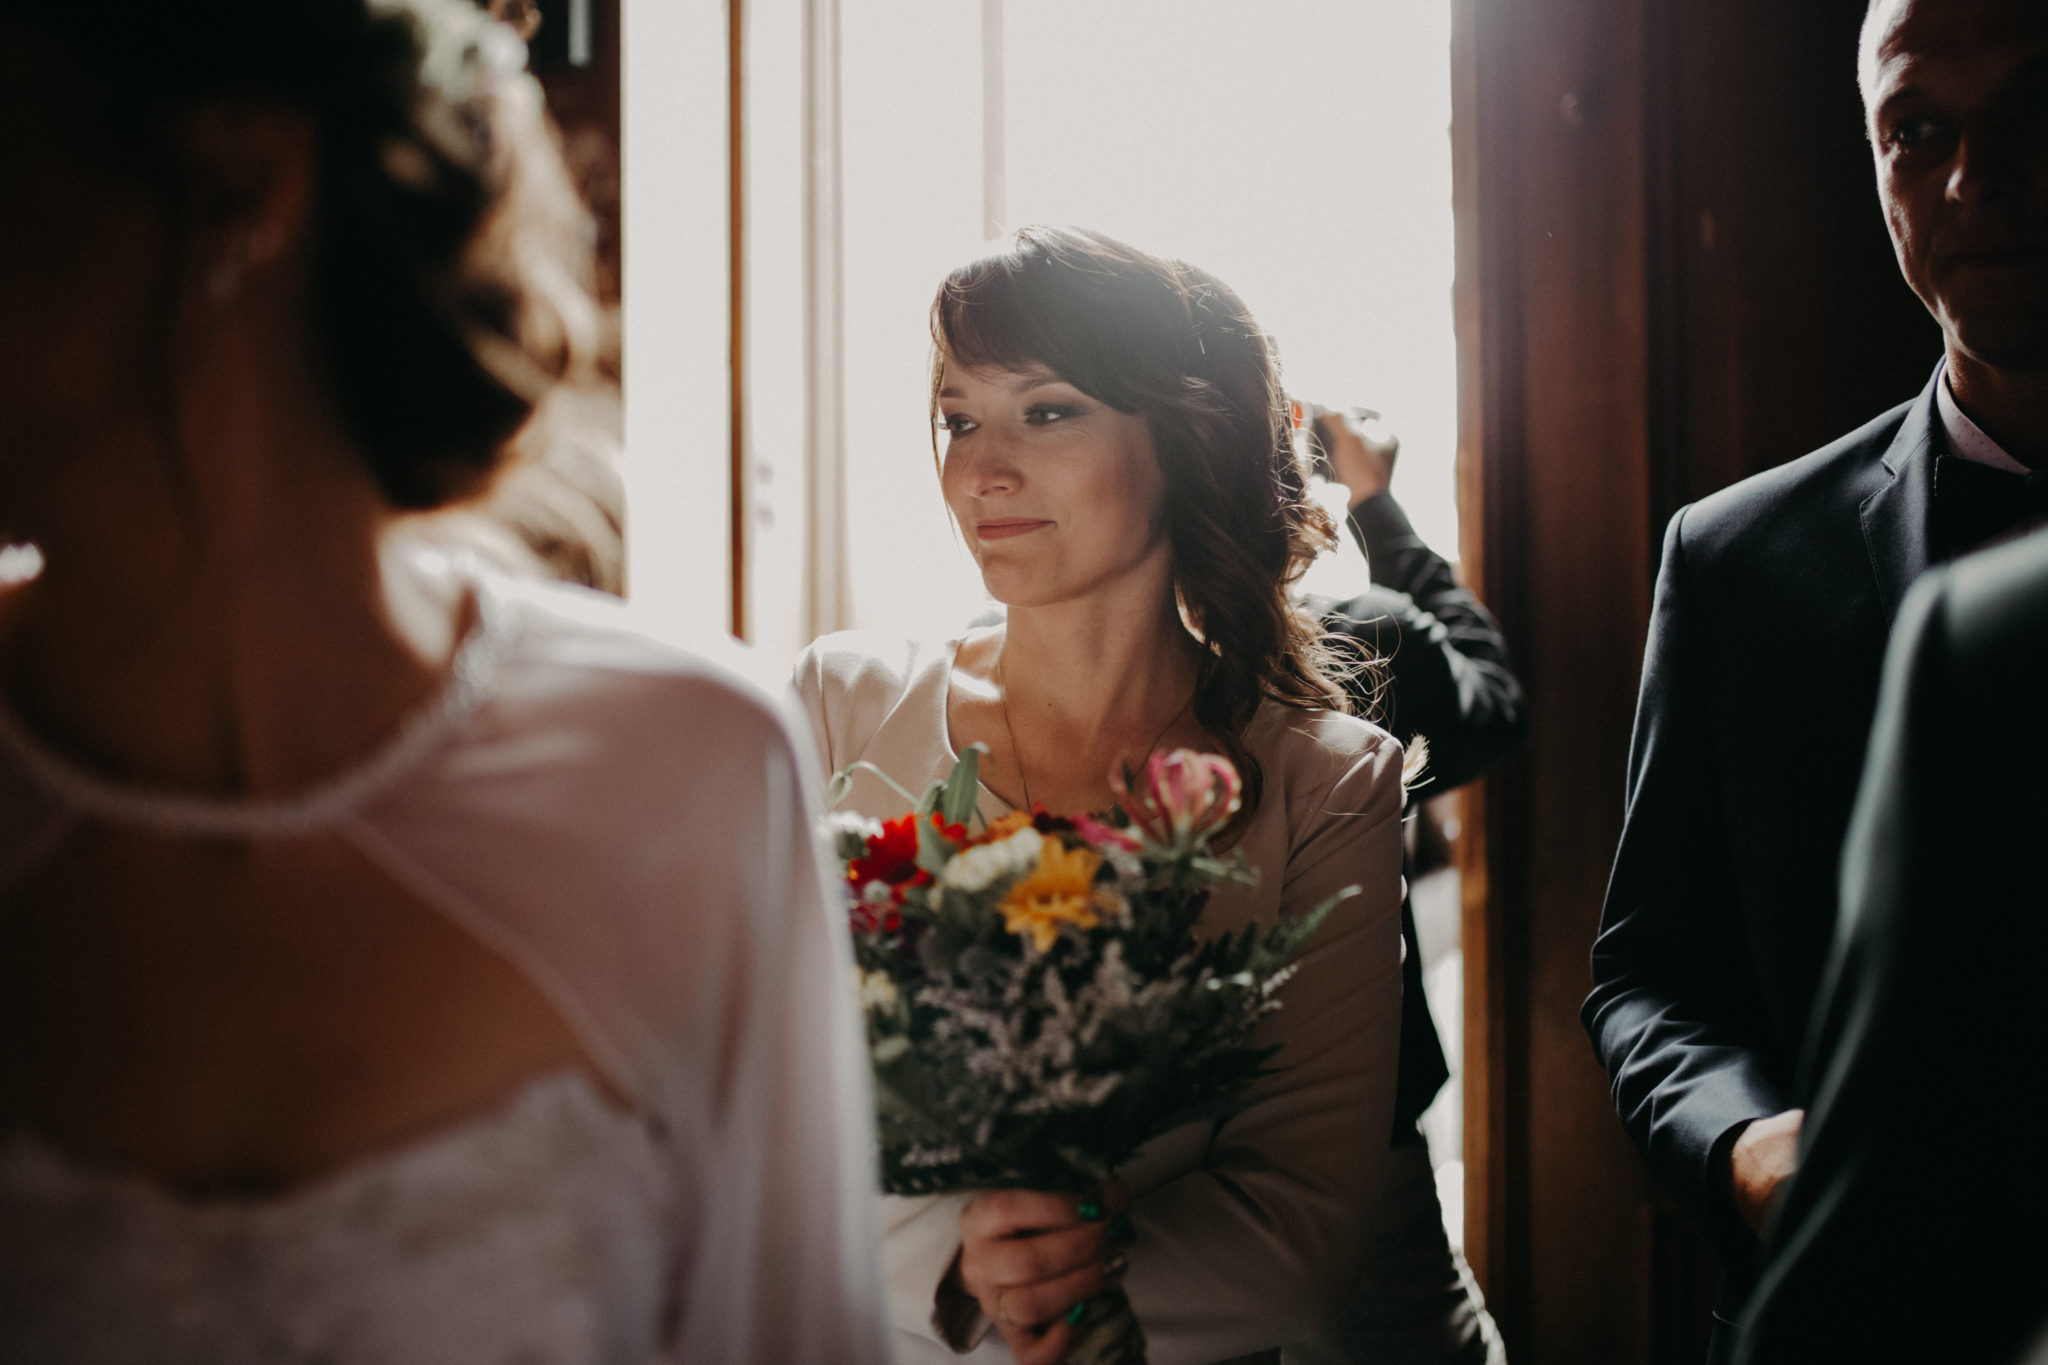 gosia i kuba44 1 - fotografiagk Fotografia ślubna RK wedding